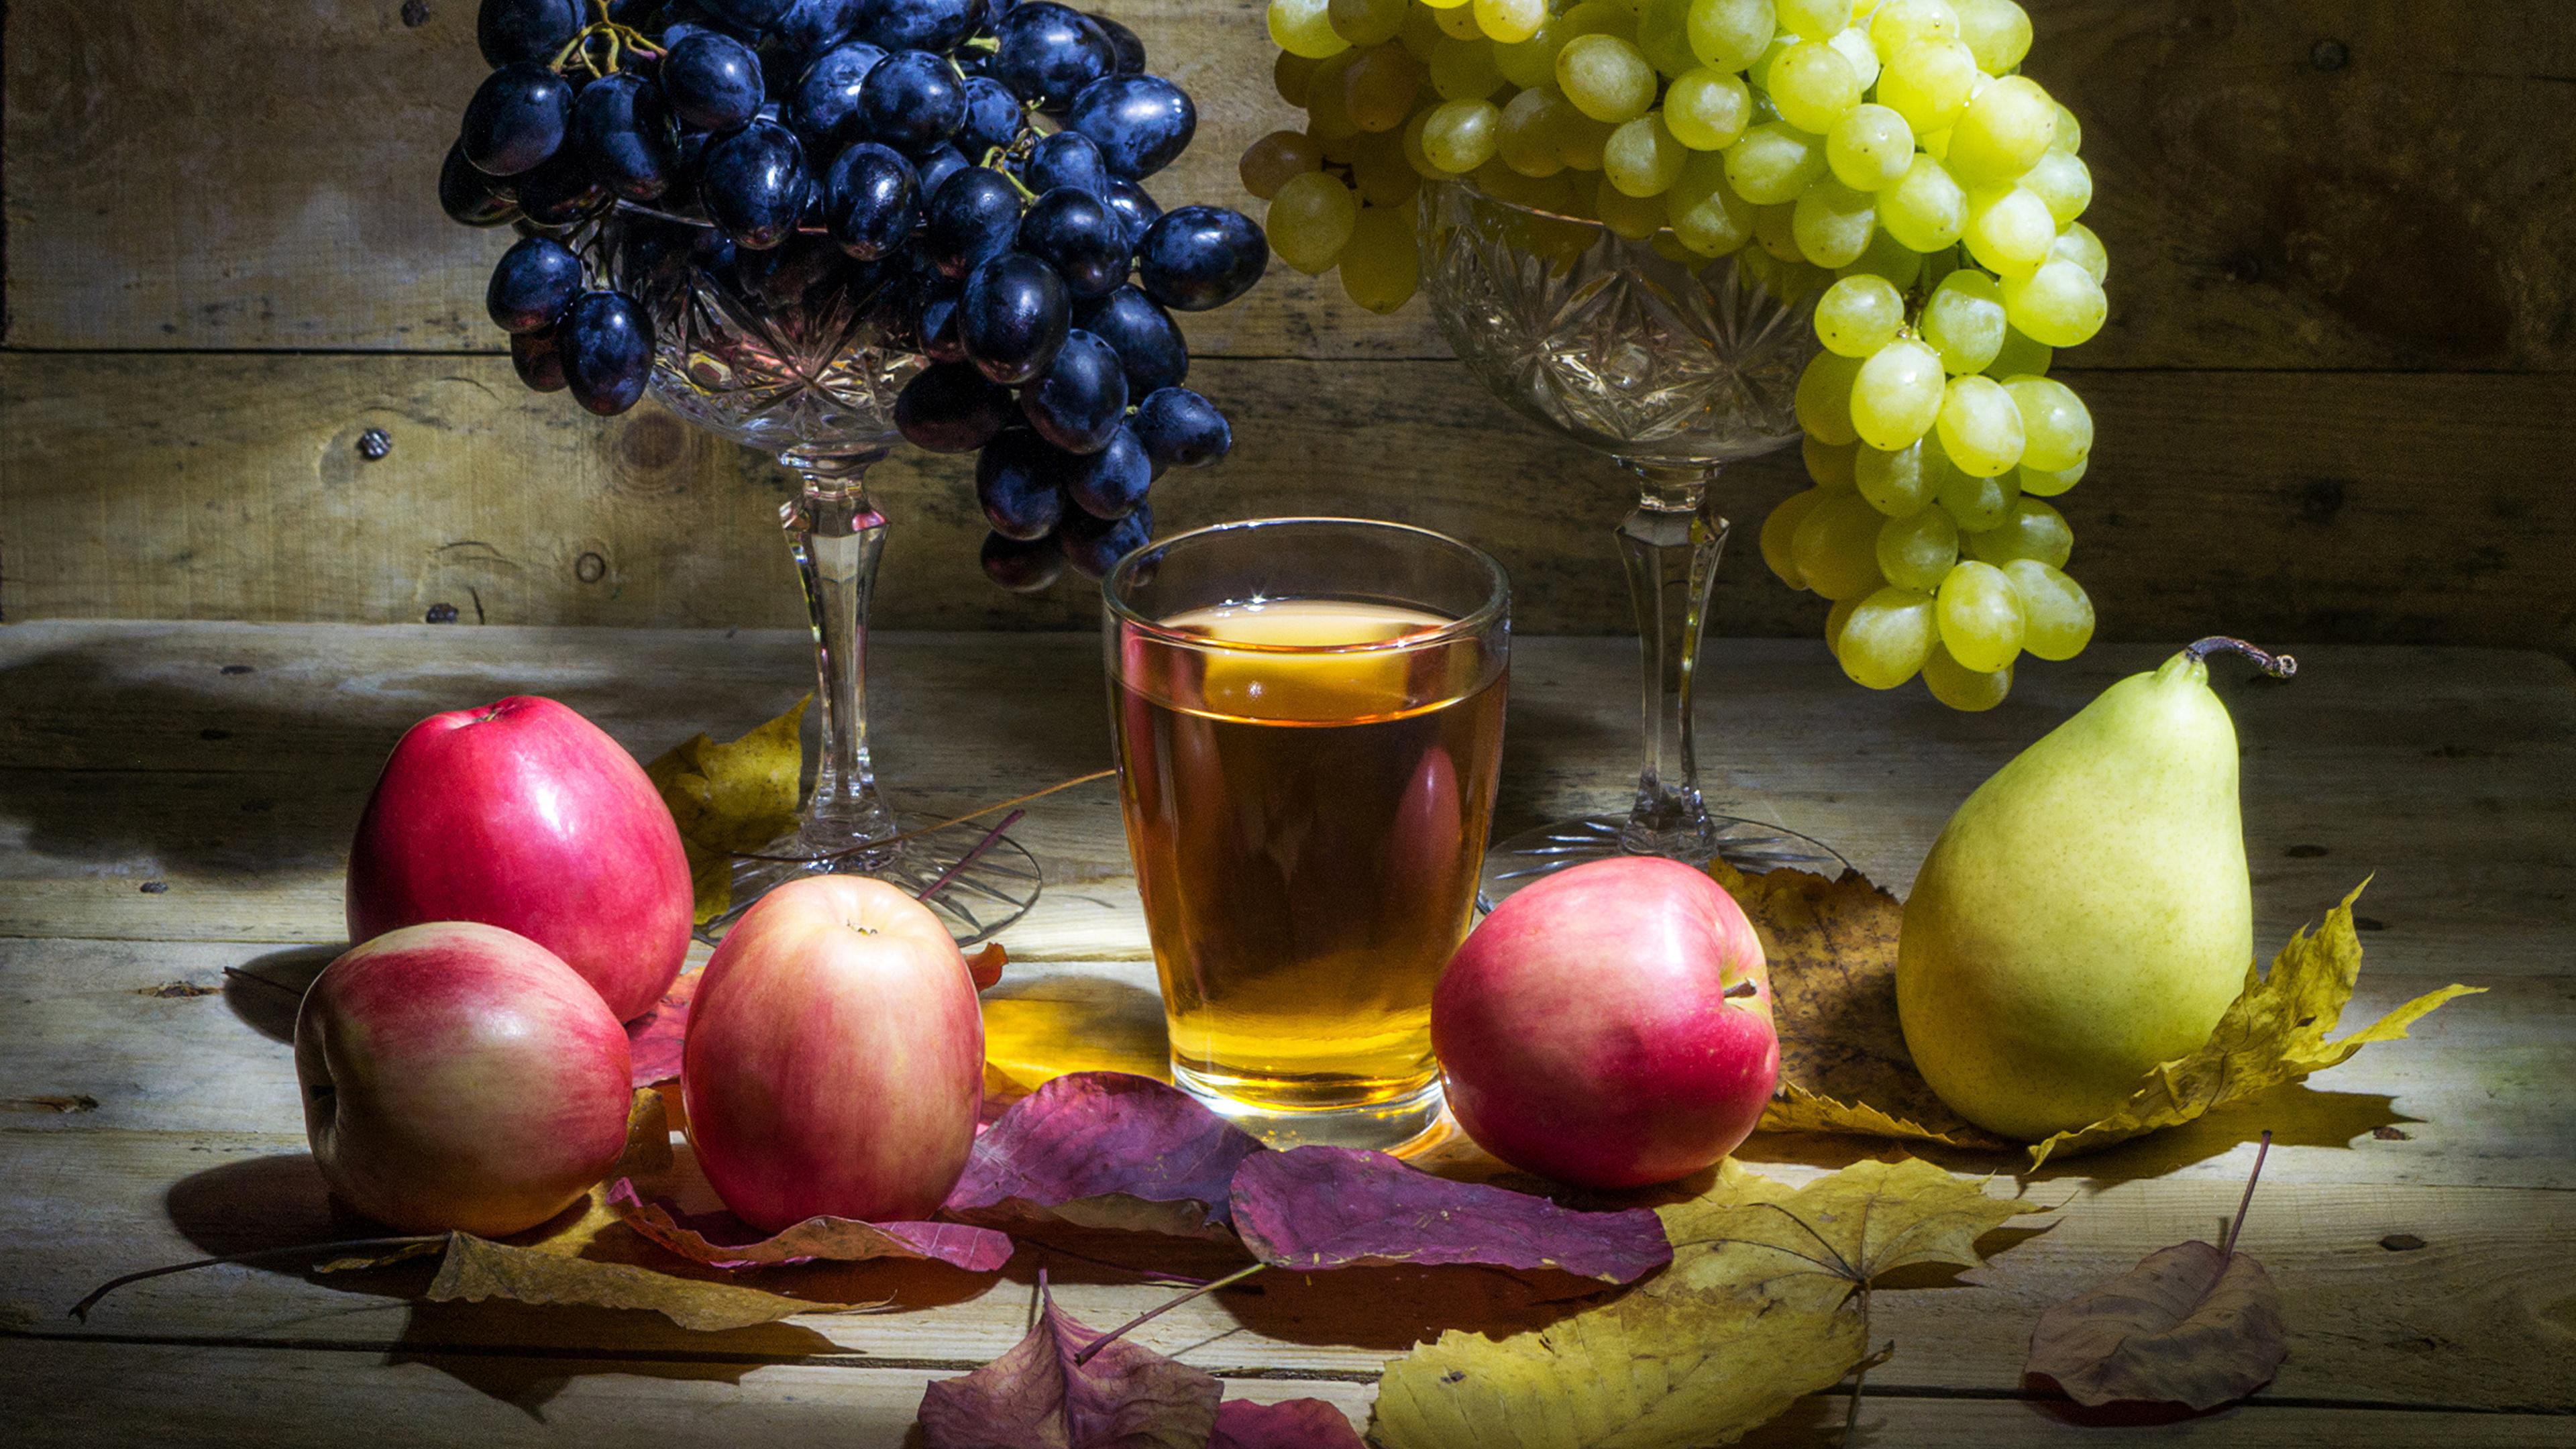 Обои Листья Сок Груши Стакан Яблоки Виноград Еда Натюрморт 3840x2160 лист Листва стакана стакане Пища Продукты питания